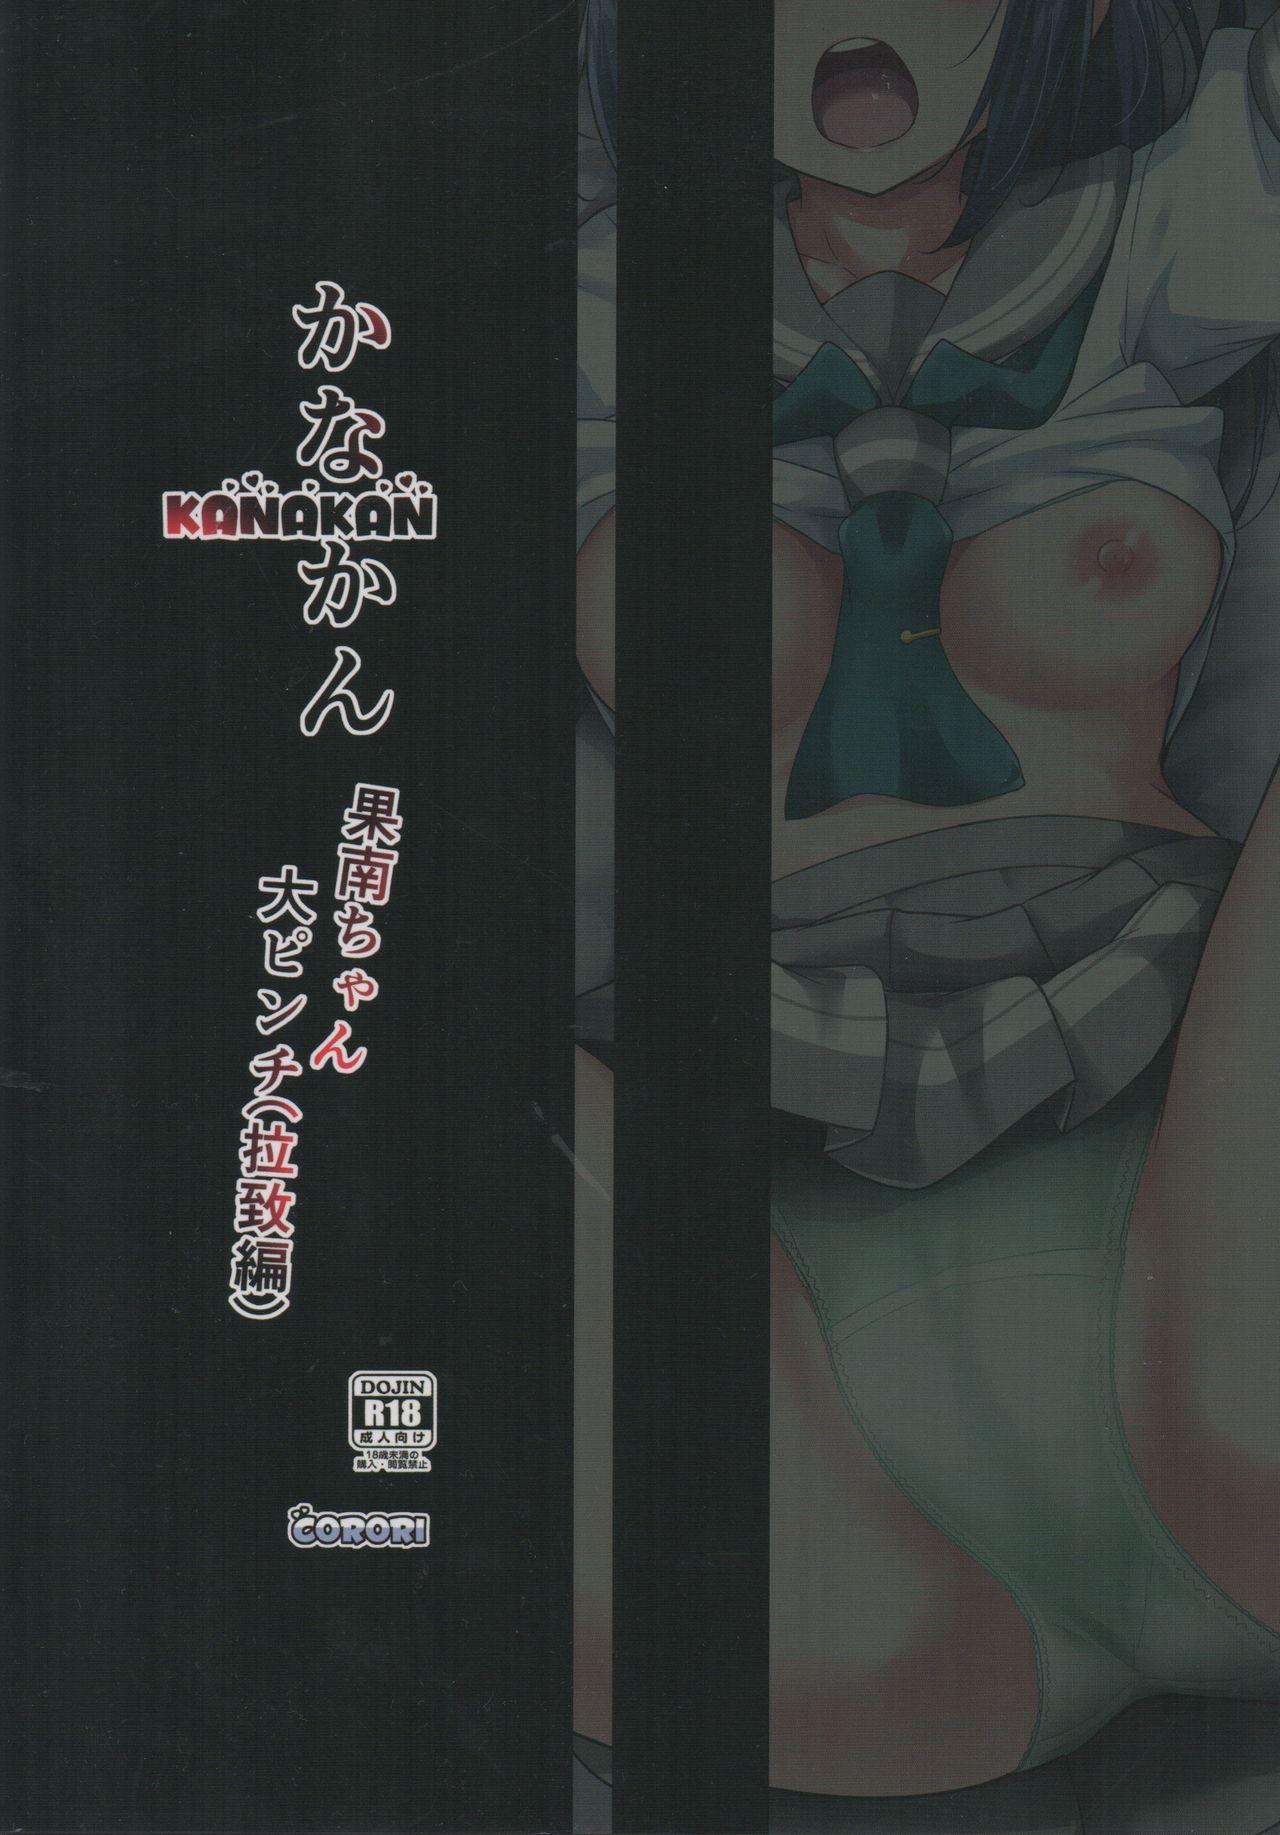 KANAKAN Kanan-chan Dai Pinch 41